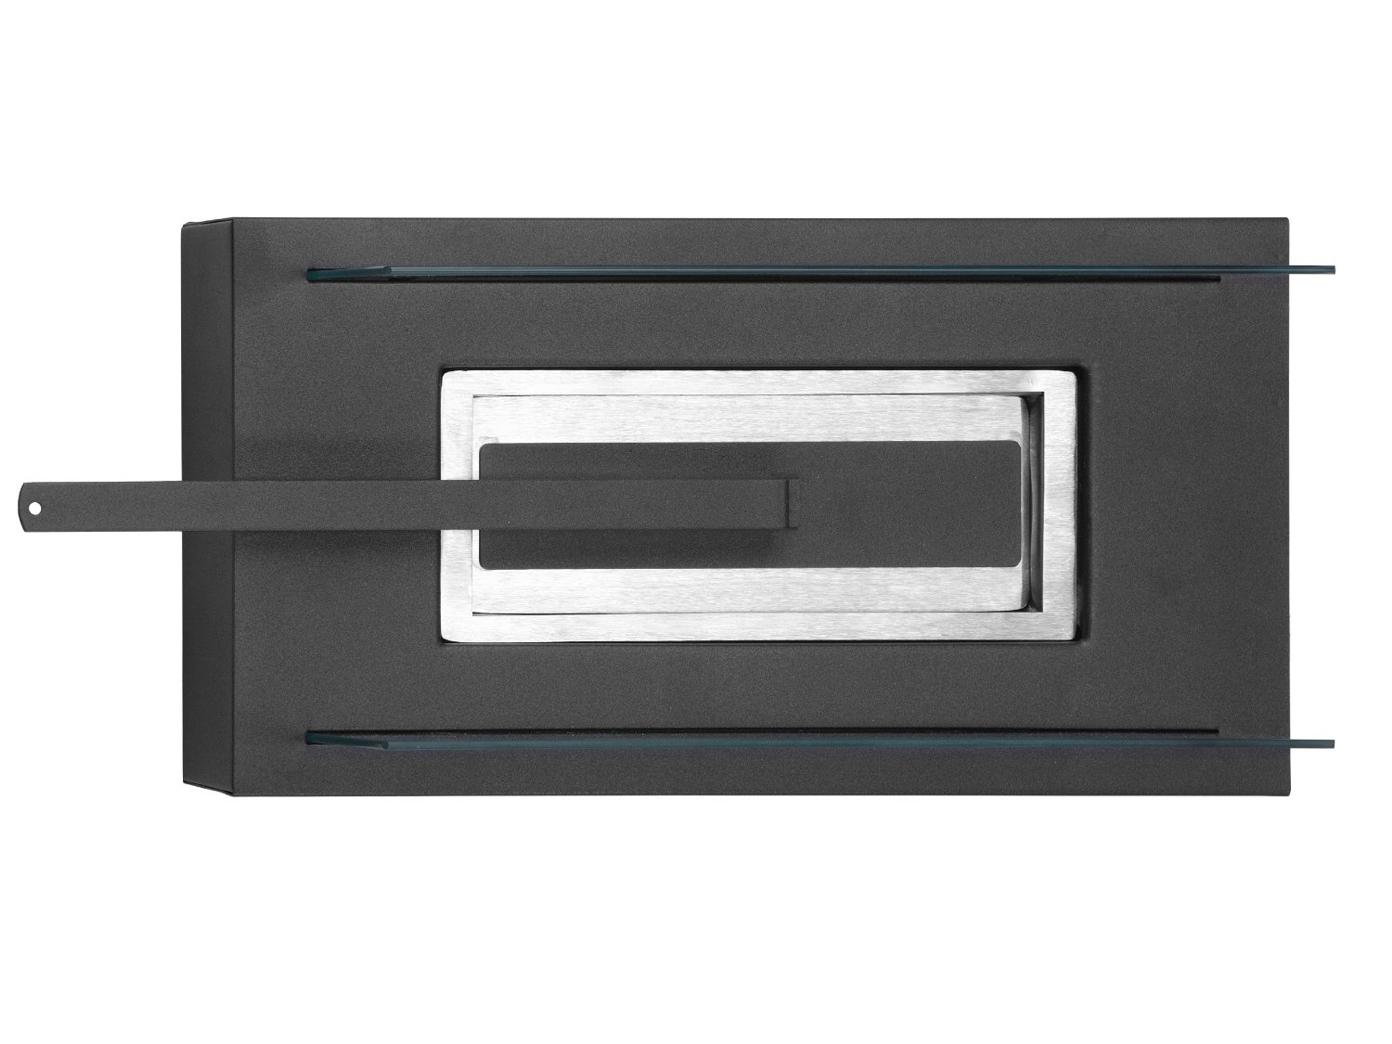 tischkamin dekofeuer tischfeuer bio ethanol kamin metall. Black Bedroom Furniture Sets. Home Design Ideas